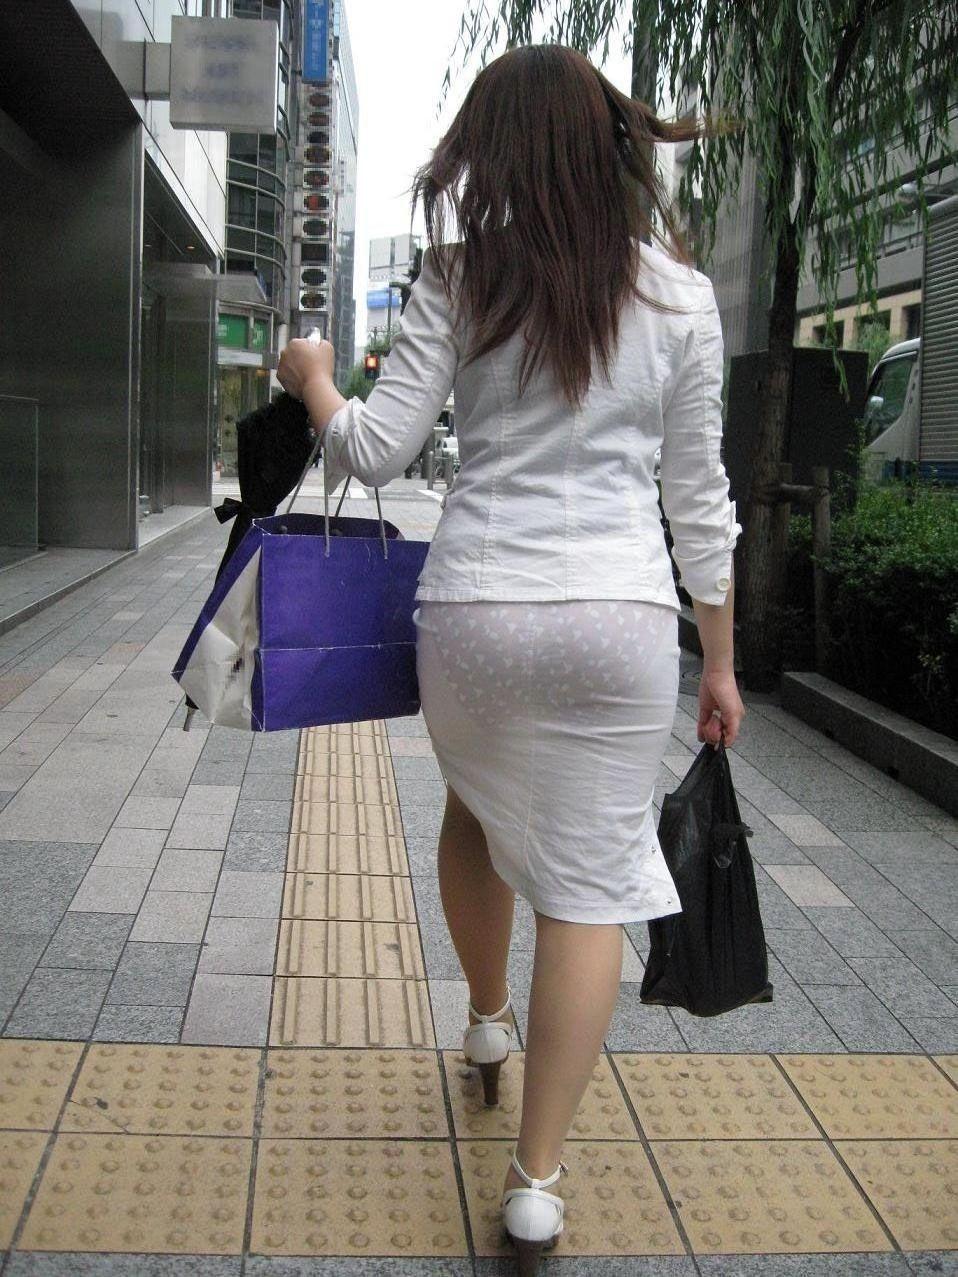 できるOLお姉さんはピチピチのタイトスカートで丸いお尻で男性を癒すエロ画像7枚目